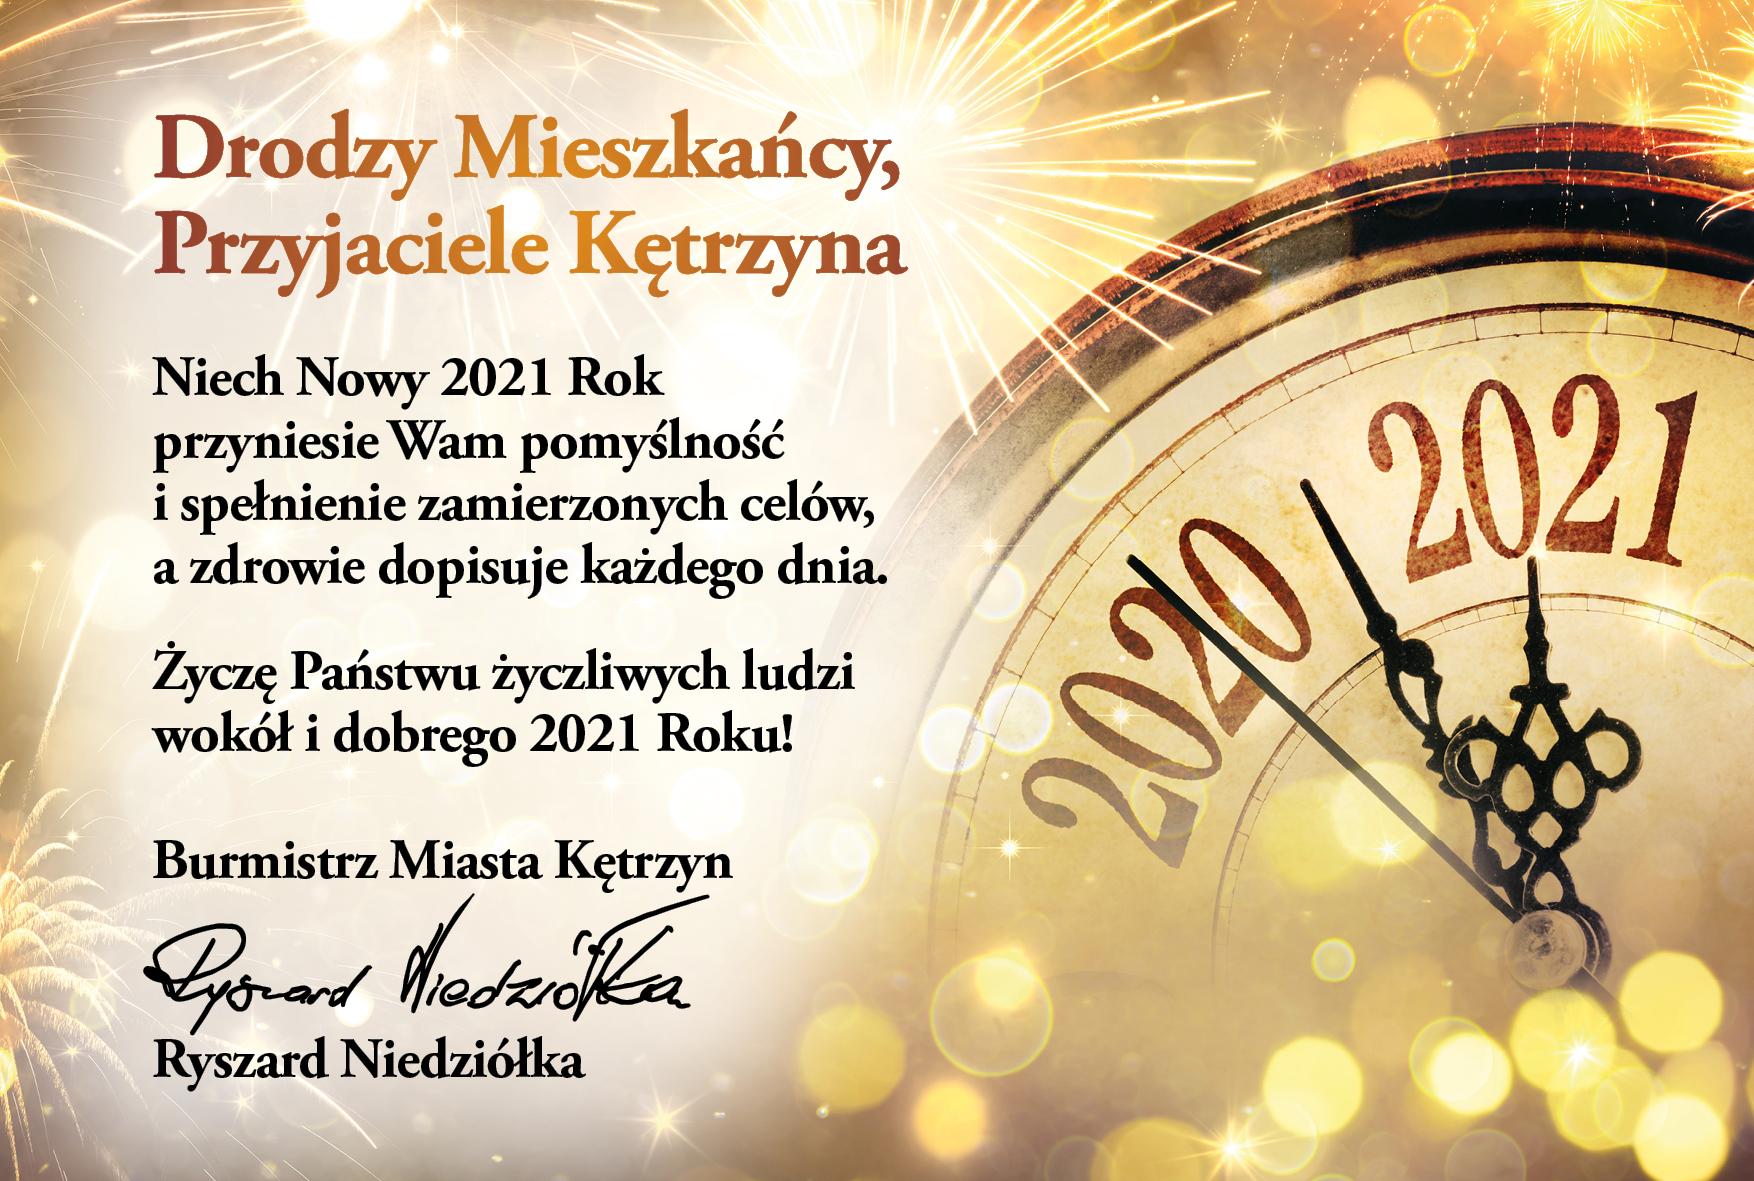 Obrazek przedstawia zegar z rokiem 2020 i 2021. oraz życzenia następującej treści: Drodzy Mieszkańcy, Przyjaciele Kętrzyna   Niech Nowy 2021 Rok przyniesie Wam pomyślność i spełnienie zamierzonych celów,  a zdrowie dopisuje każdego dnia. Życzę Państwu życzliwych ludzi wokół  i dobrego 2021 Roku!   Burmistrz Miasta Kętrzyn Ryszard Niedziółka